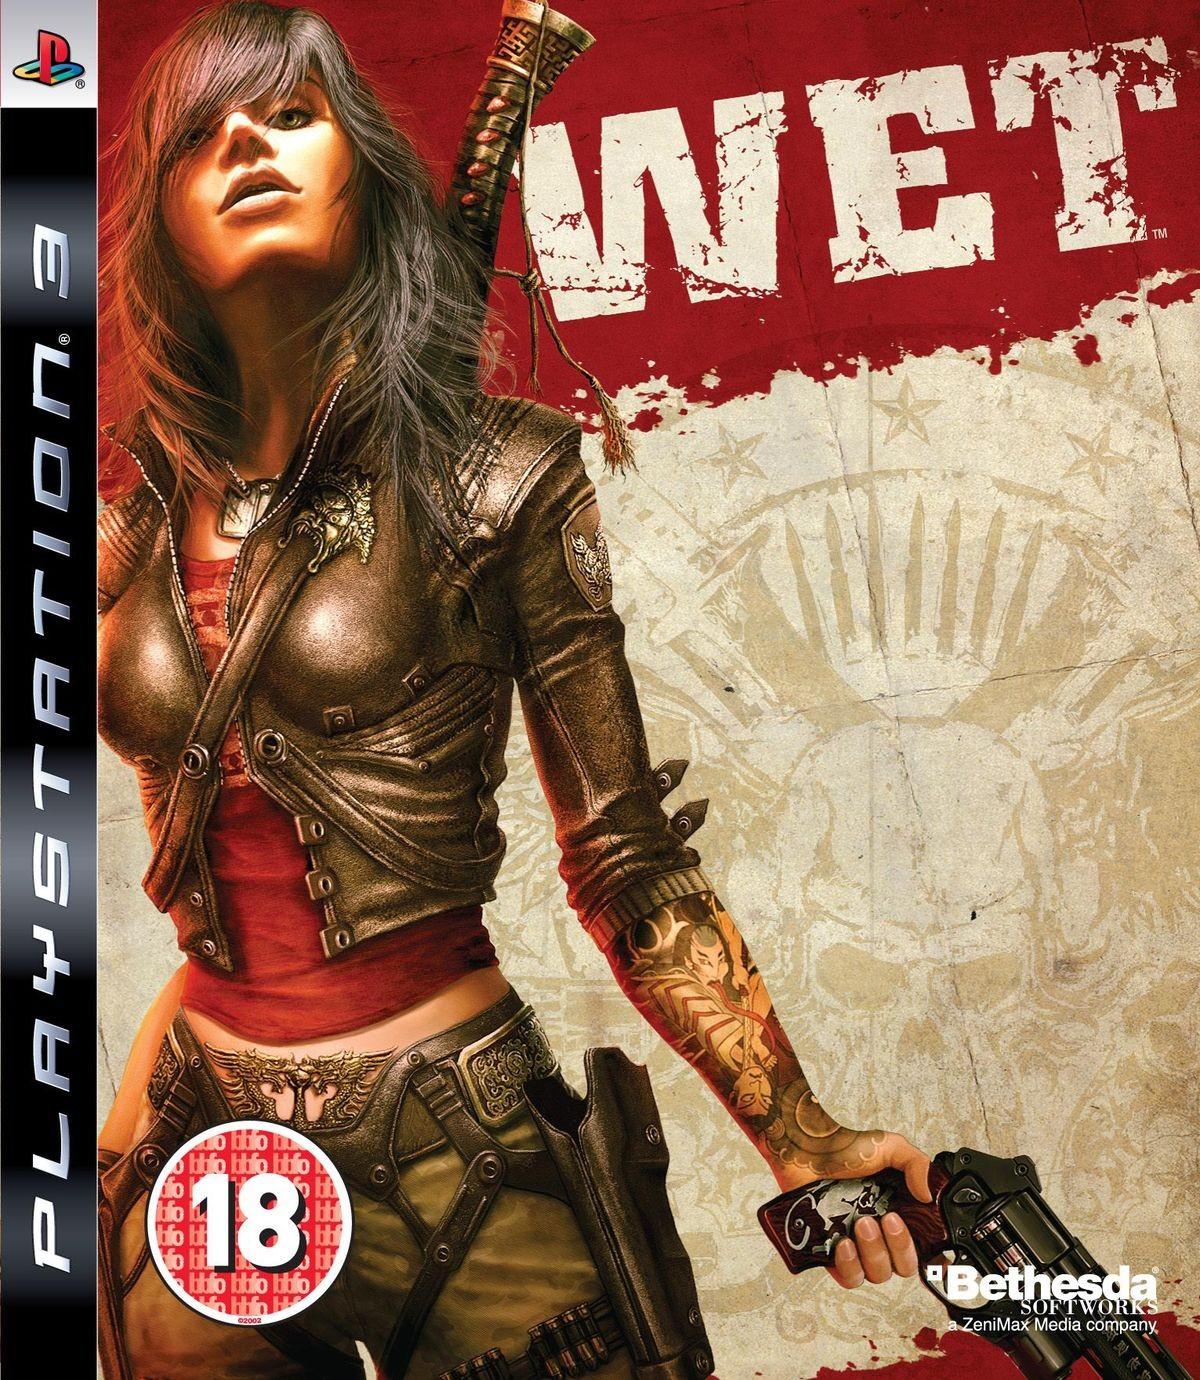 Wet б/у